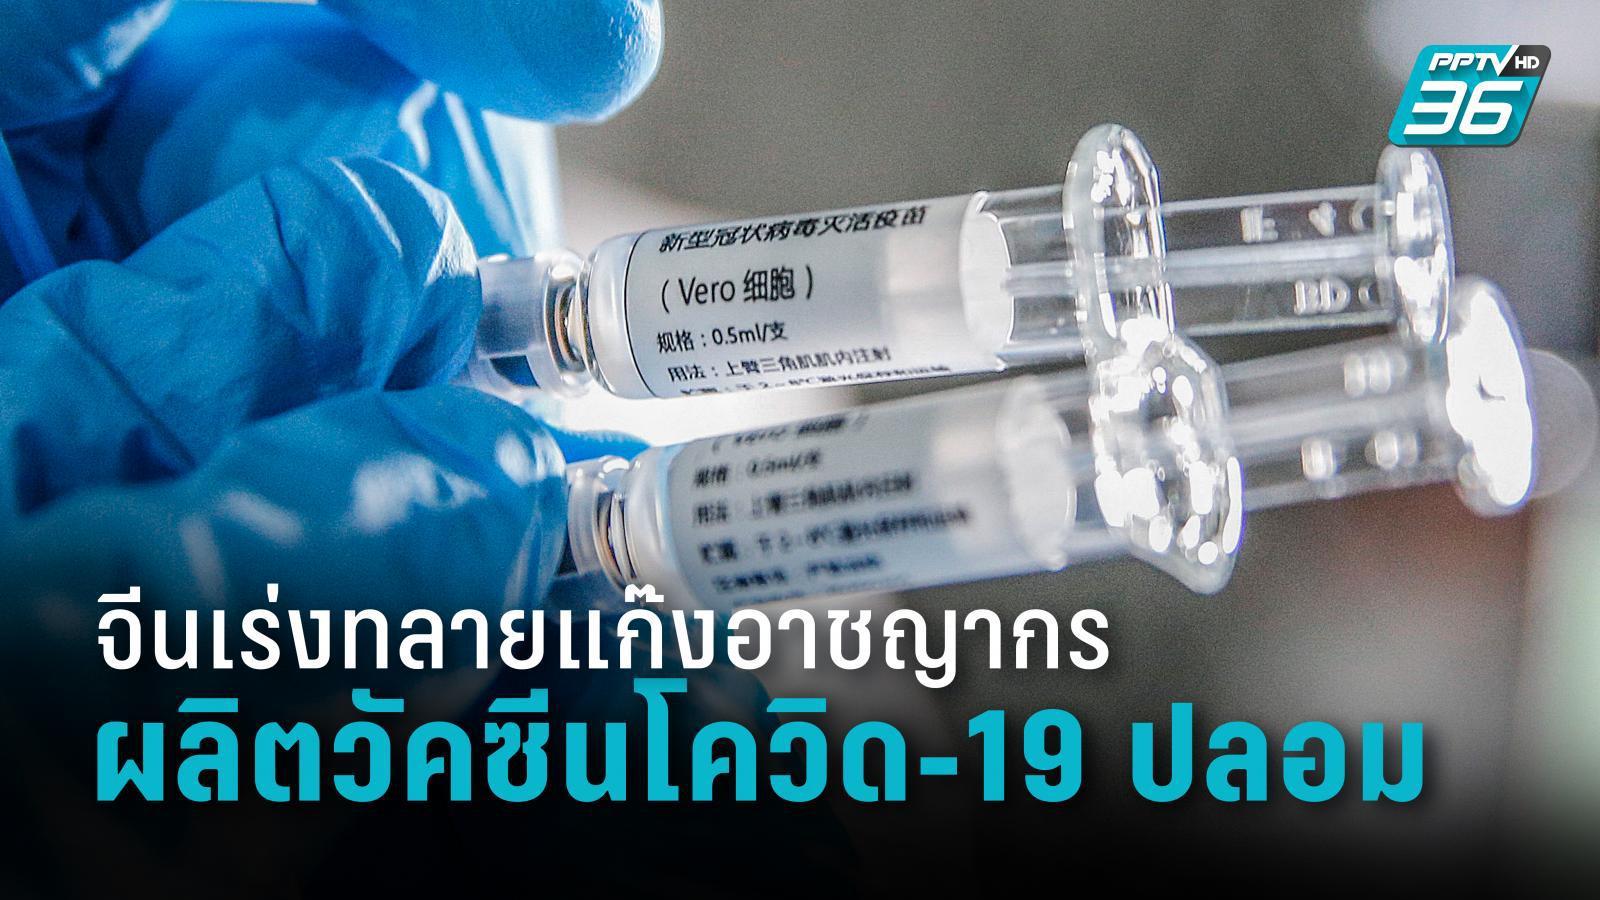 จีนทลายแก๊งผลิตวัคซีนโควิด-19 ปลอม